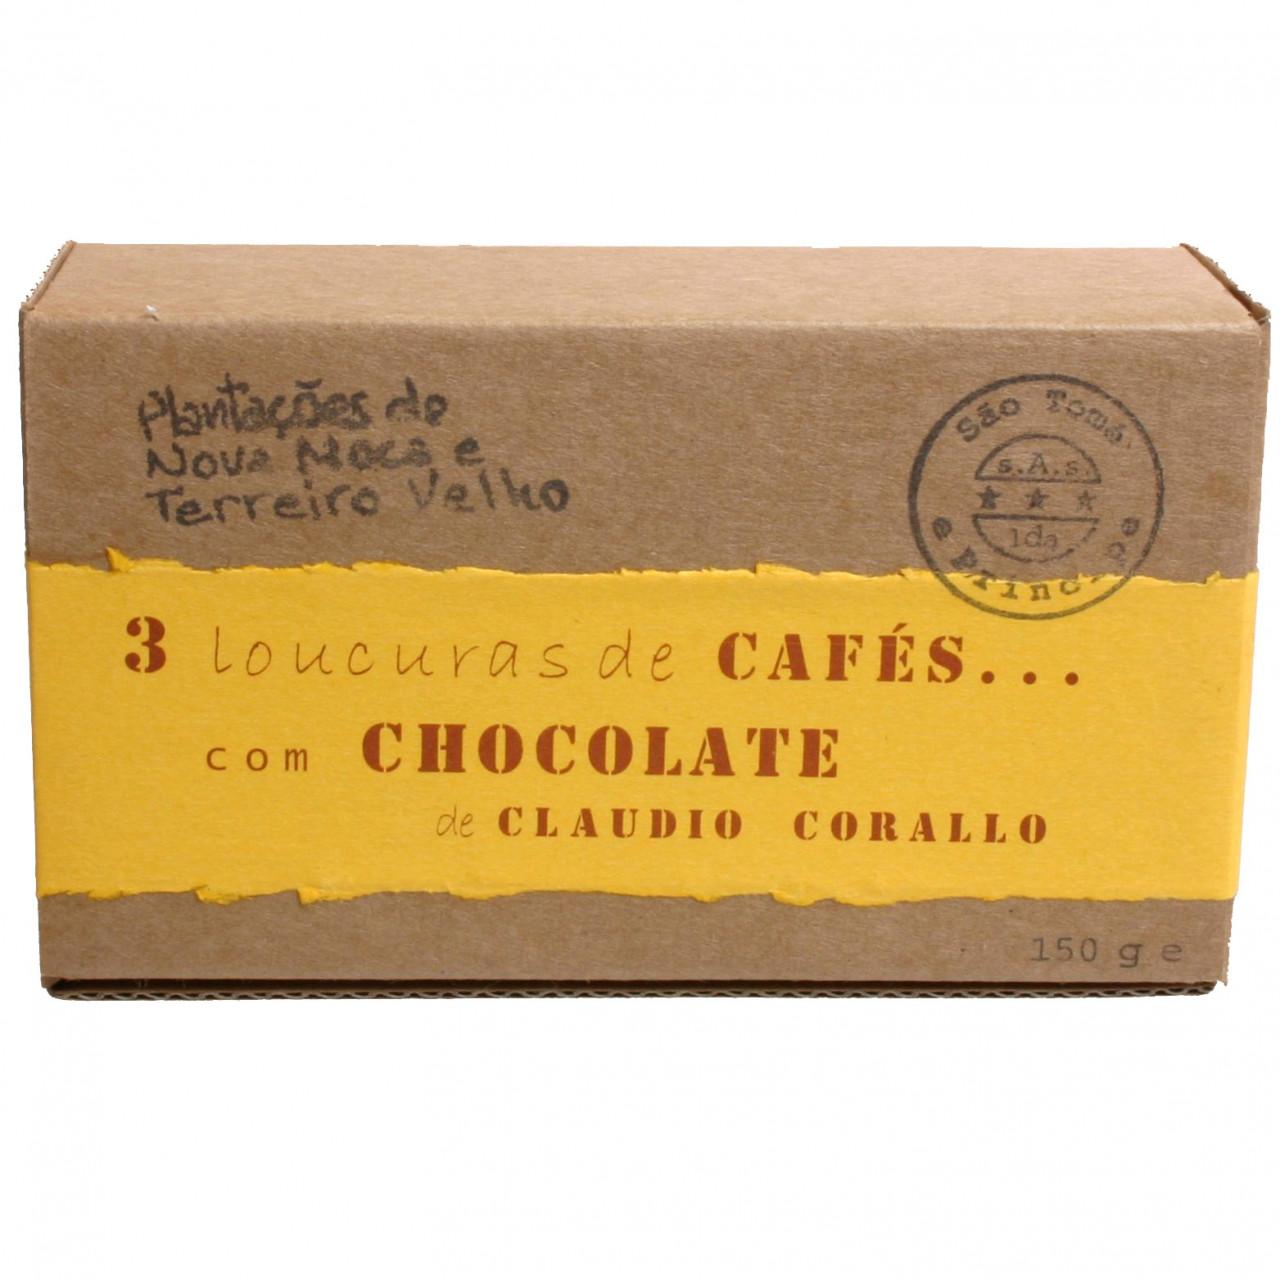 Claudio Corallo Sao Tomé Kaffeebohnen in dunkler Schokolade coffeebeans grains de café chocolat noir dark chocolate -  - Chocolats-De-Luxe